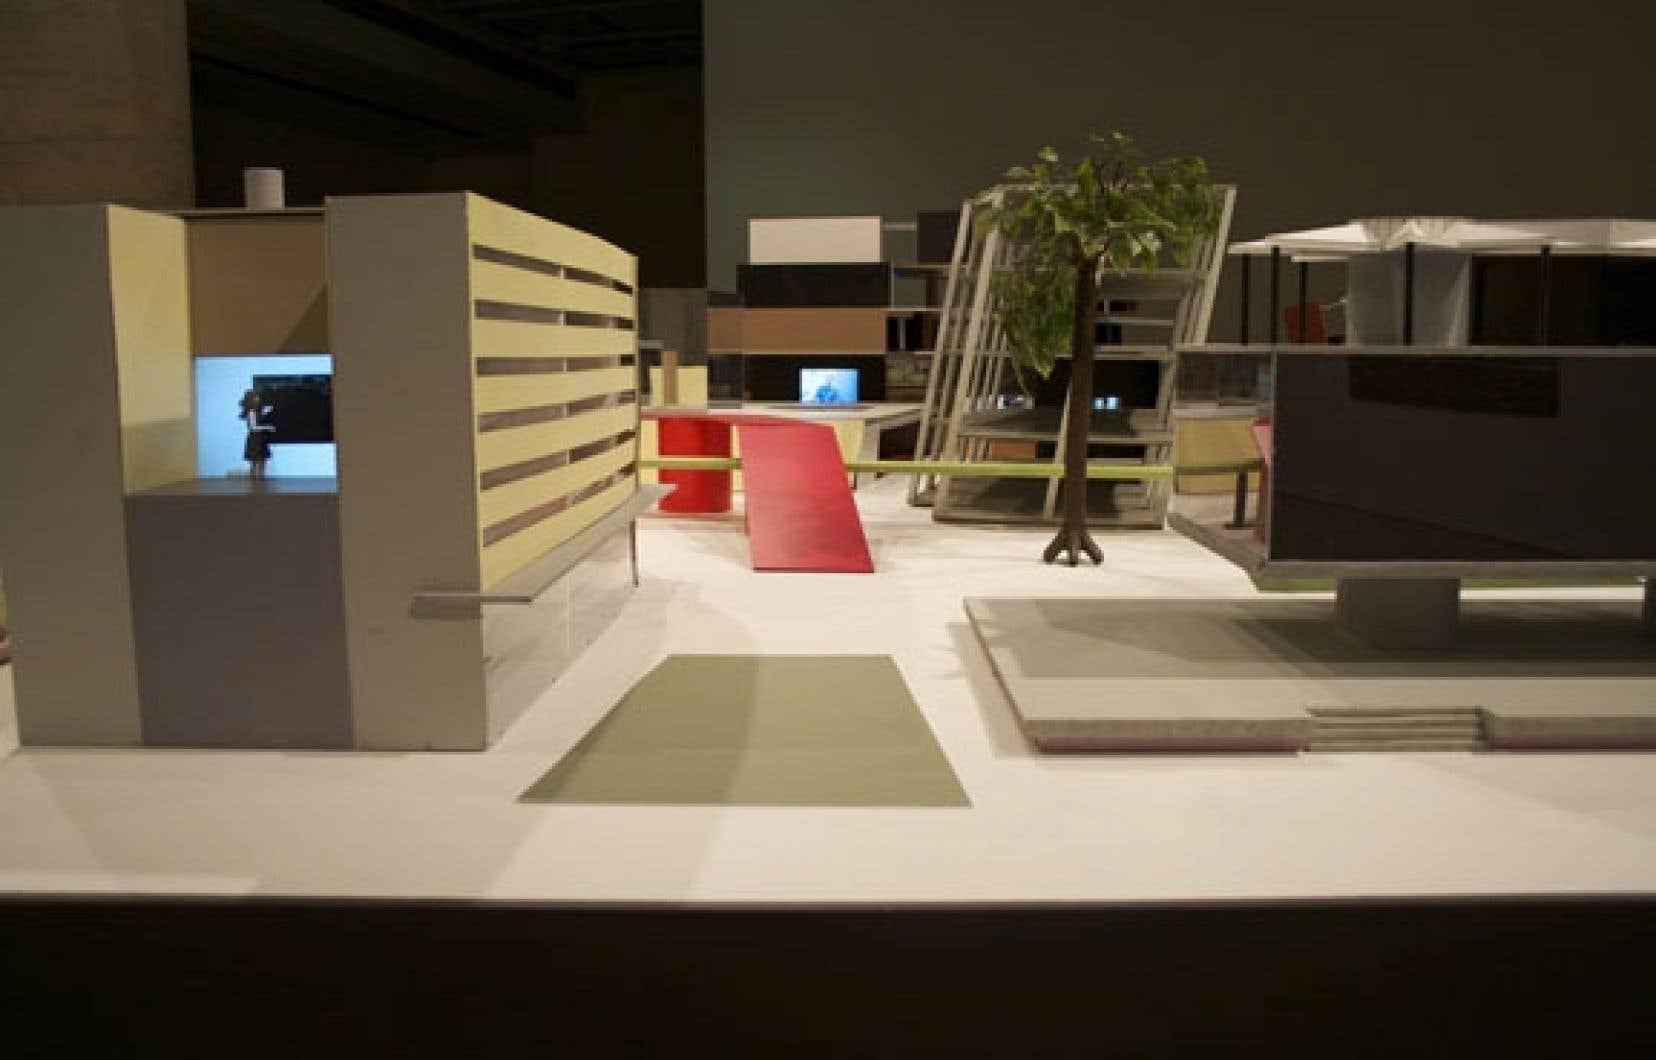 <div> L'installation de Stéphane Gilot, Multiversité/Métacampus, porte à réfléchir sur l'institution universitaire.</div>